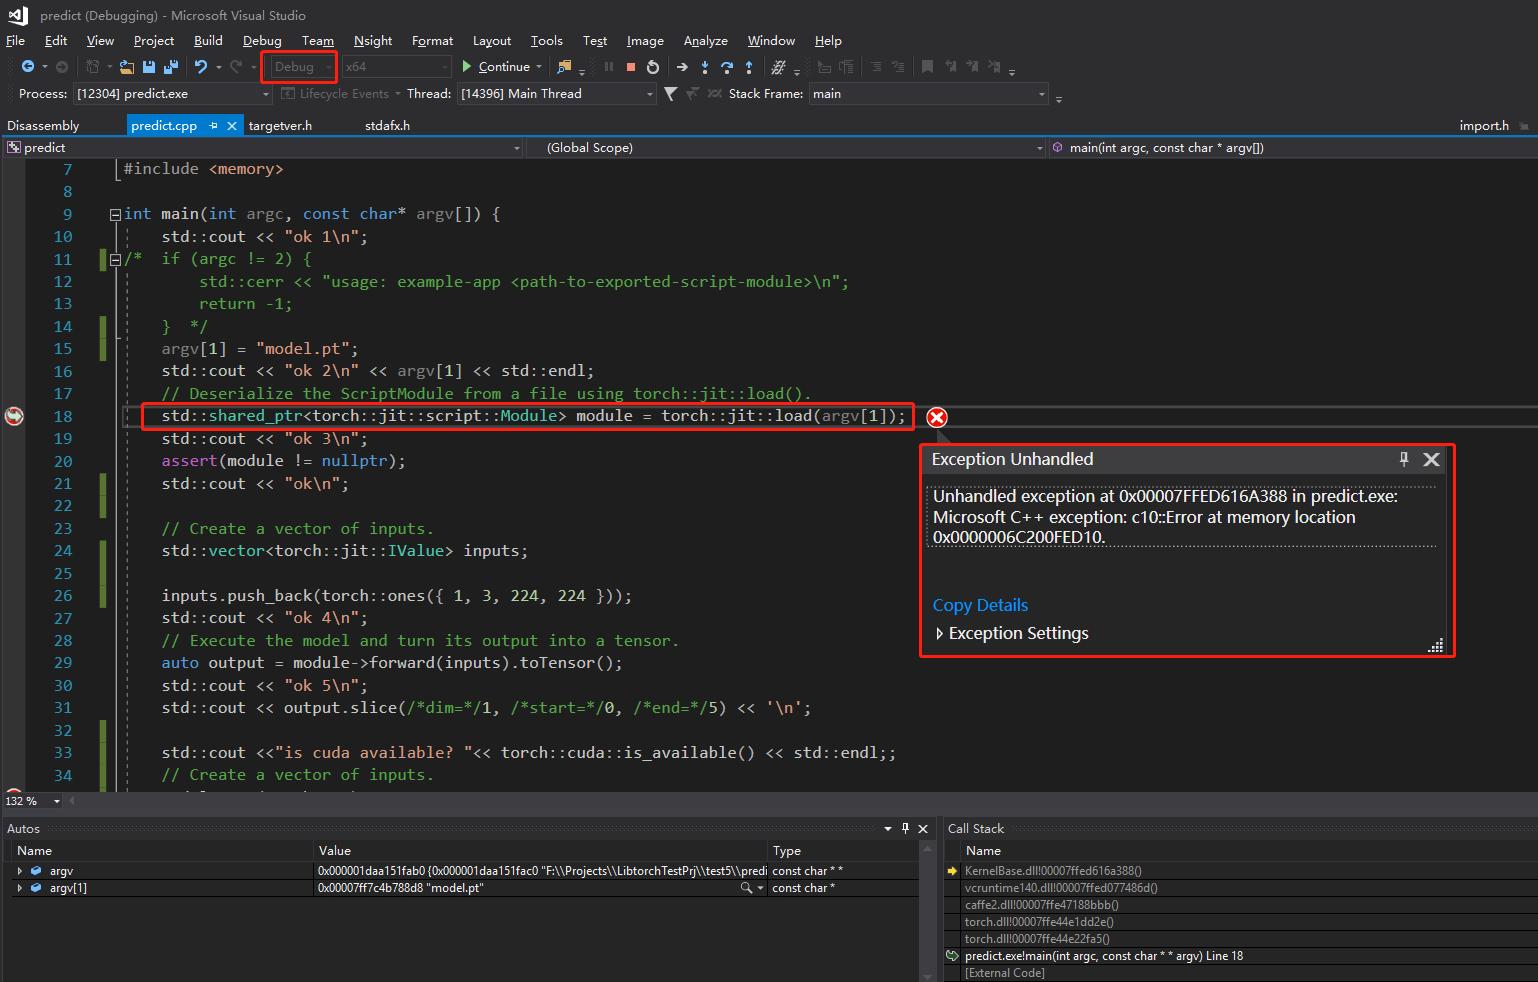 Libtorch C++ model predict/forward propagation crashed on windows10